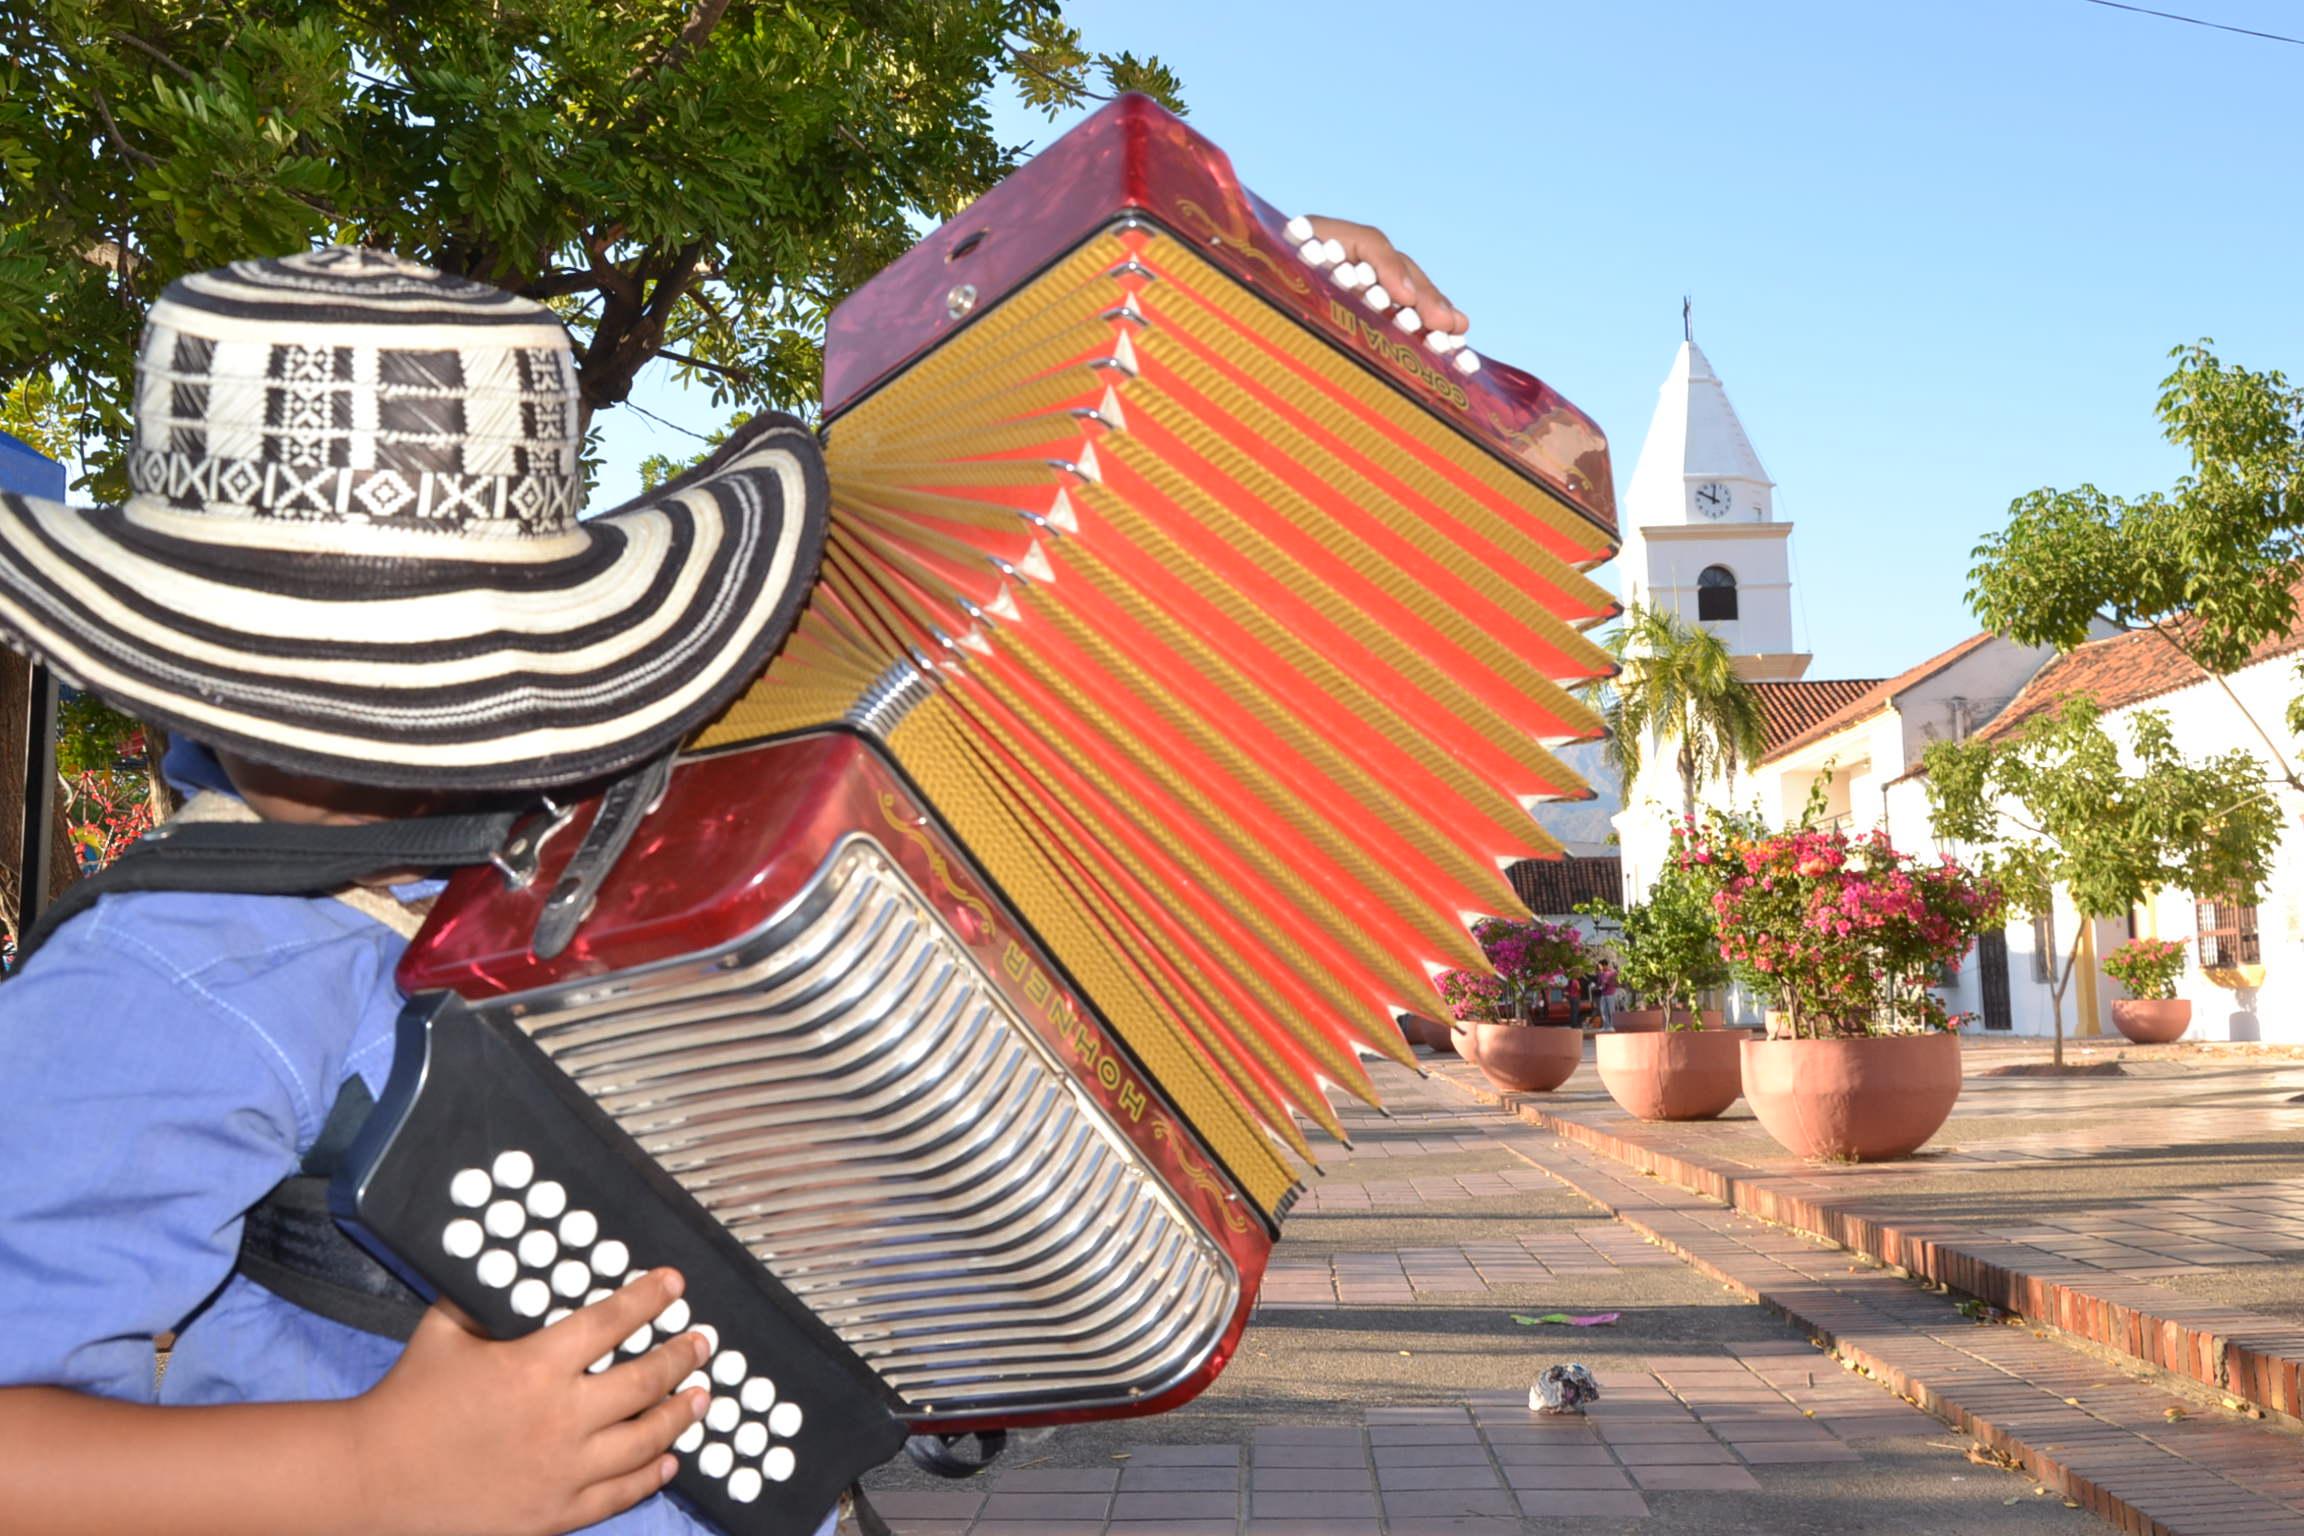 En zonas como Cesar, se destacan el Festival de la Leyenda Vallenata, que se realiza en Valledupar. Foto: Colprensa. Marzo 2018.